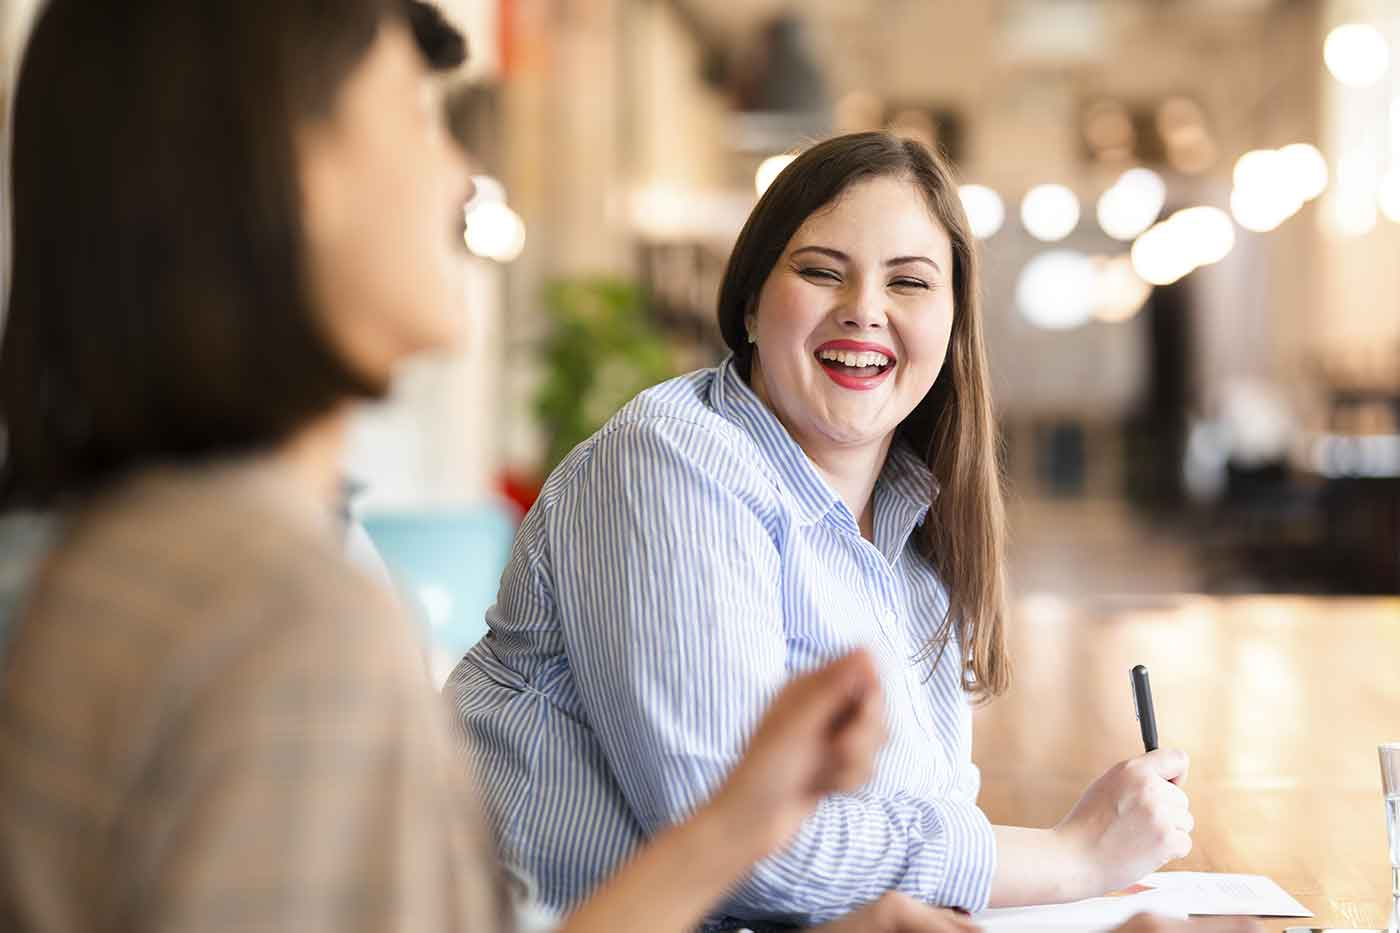 Obesità: perdere peso o superare le abbuffate?